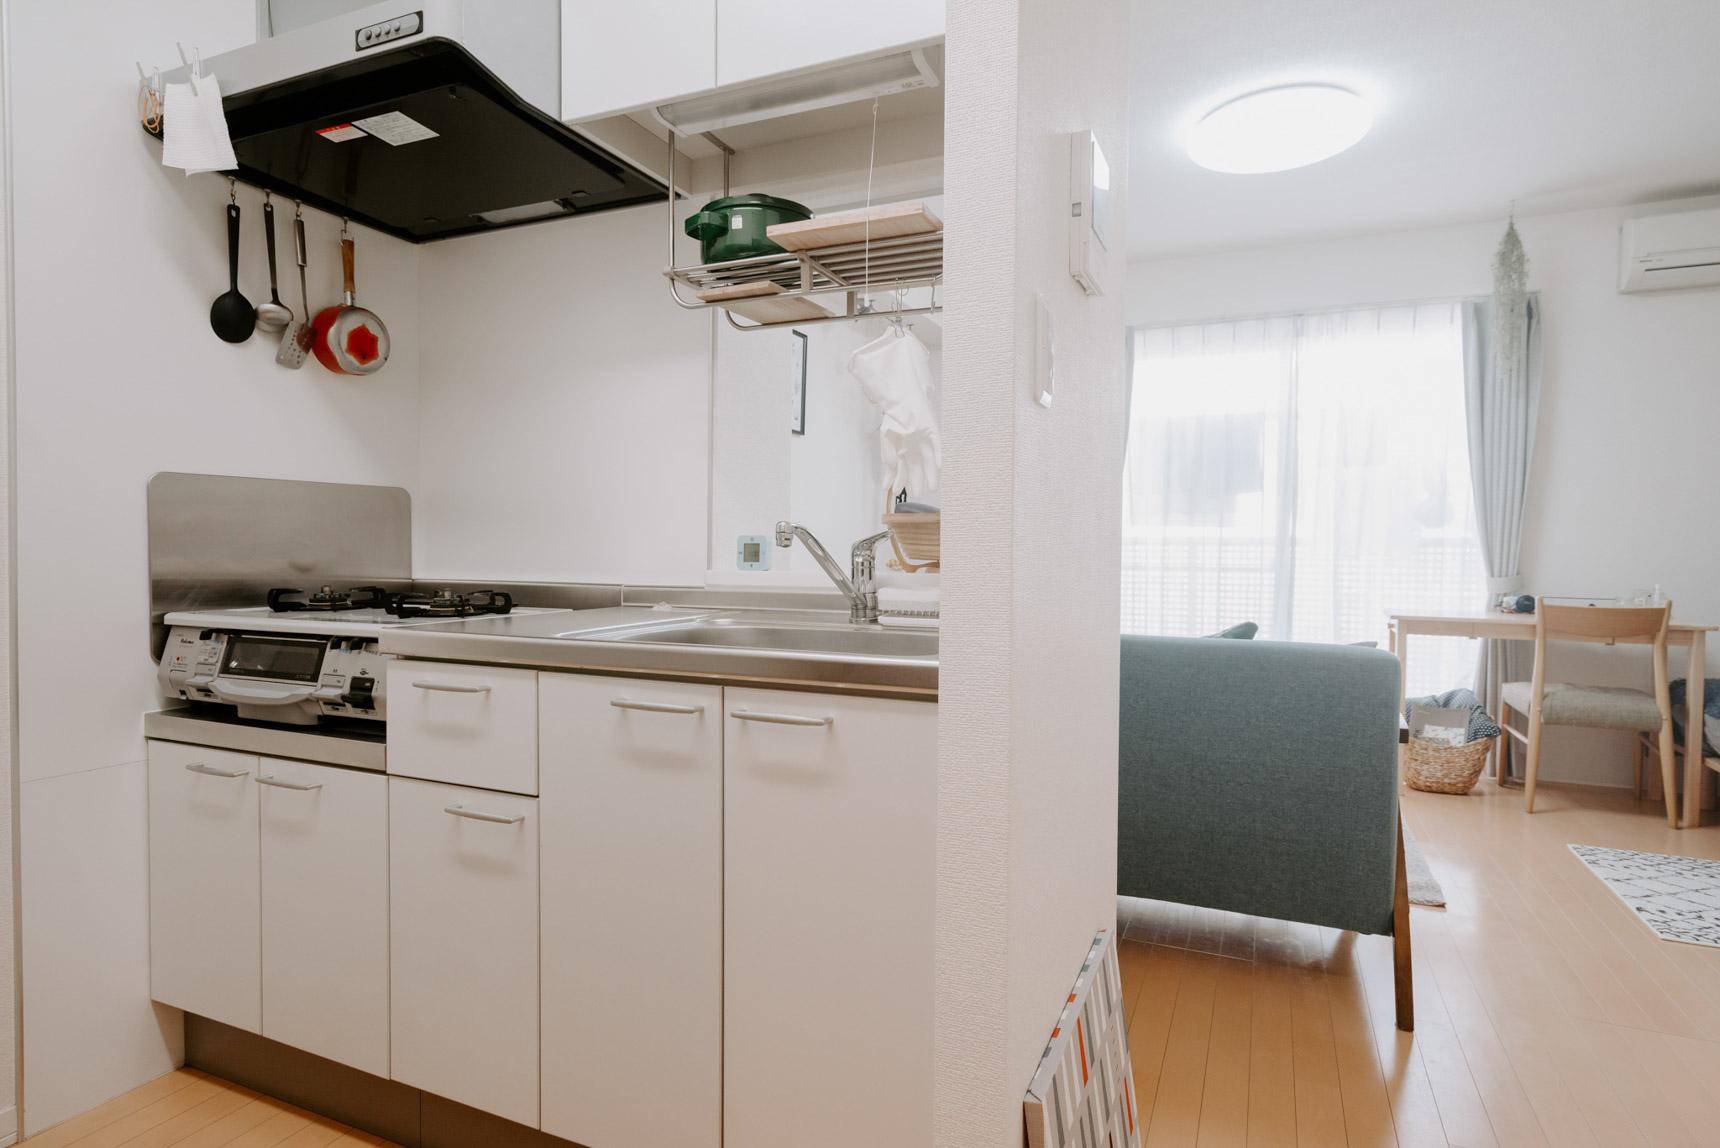 こちらは、お部屋から見えない位置にあってもすっきり整っていらっしゃるキッチン。